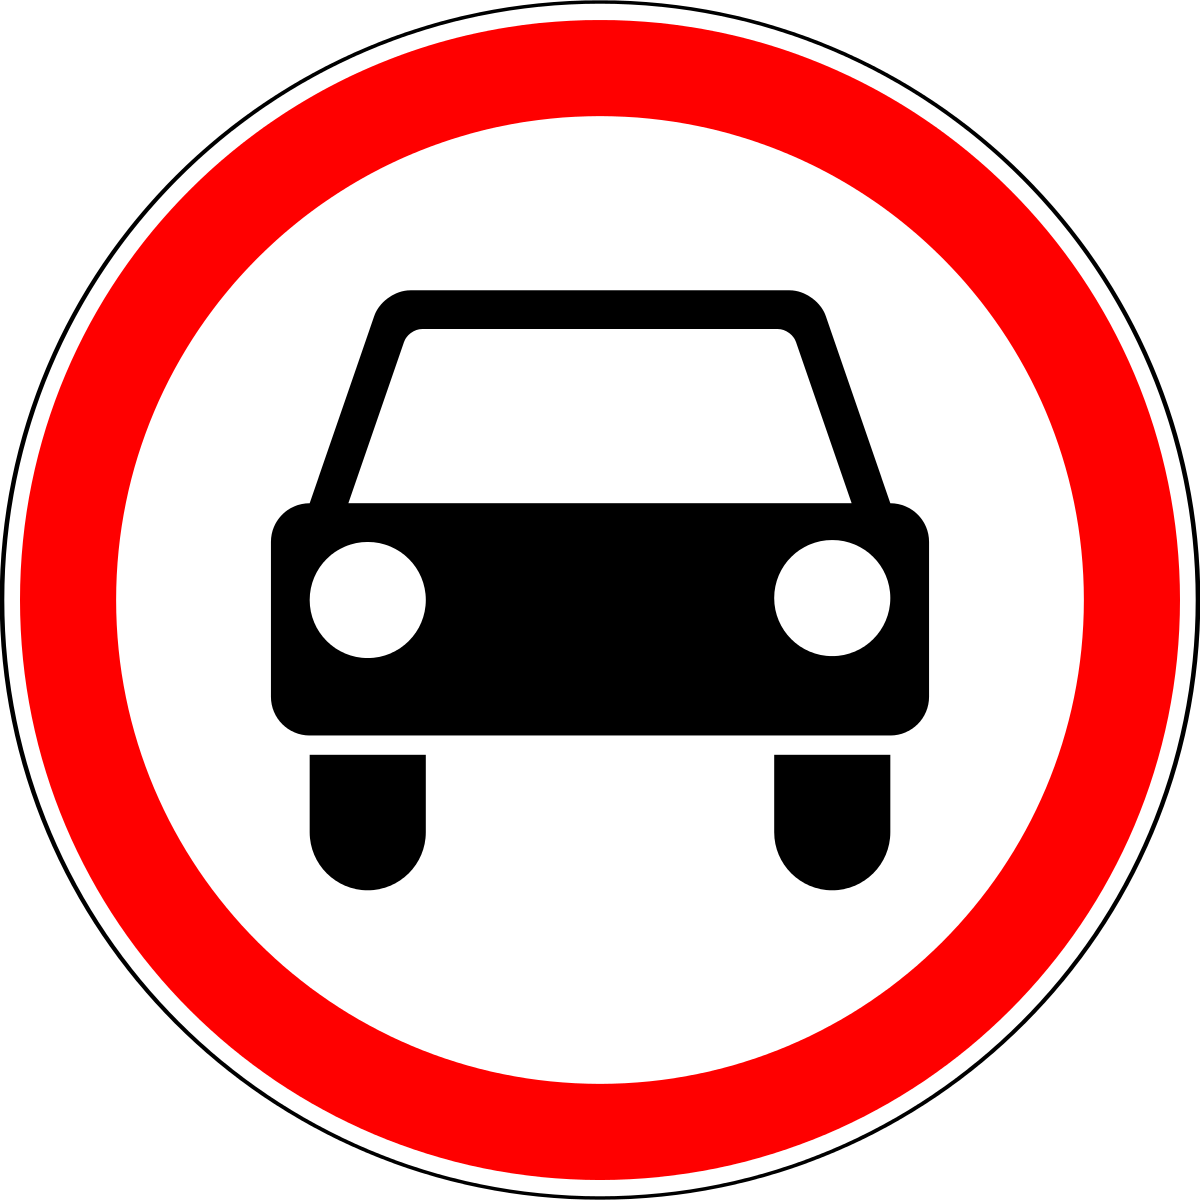 Знак 3.3 Мех-қ көлік құрал-ң қозға-на тыйым/ Движение механических транспортных средств запрещено